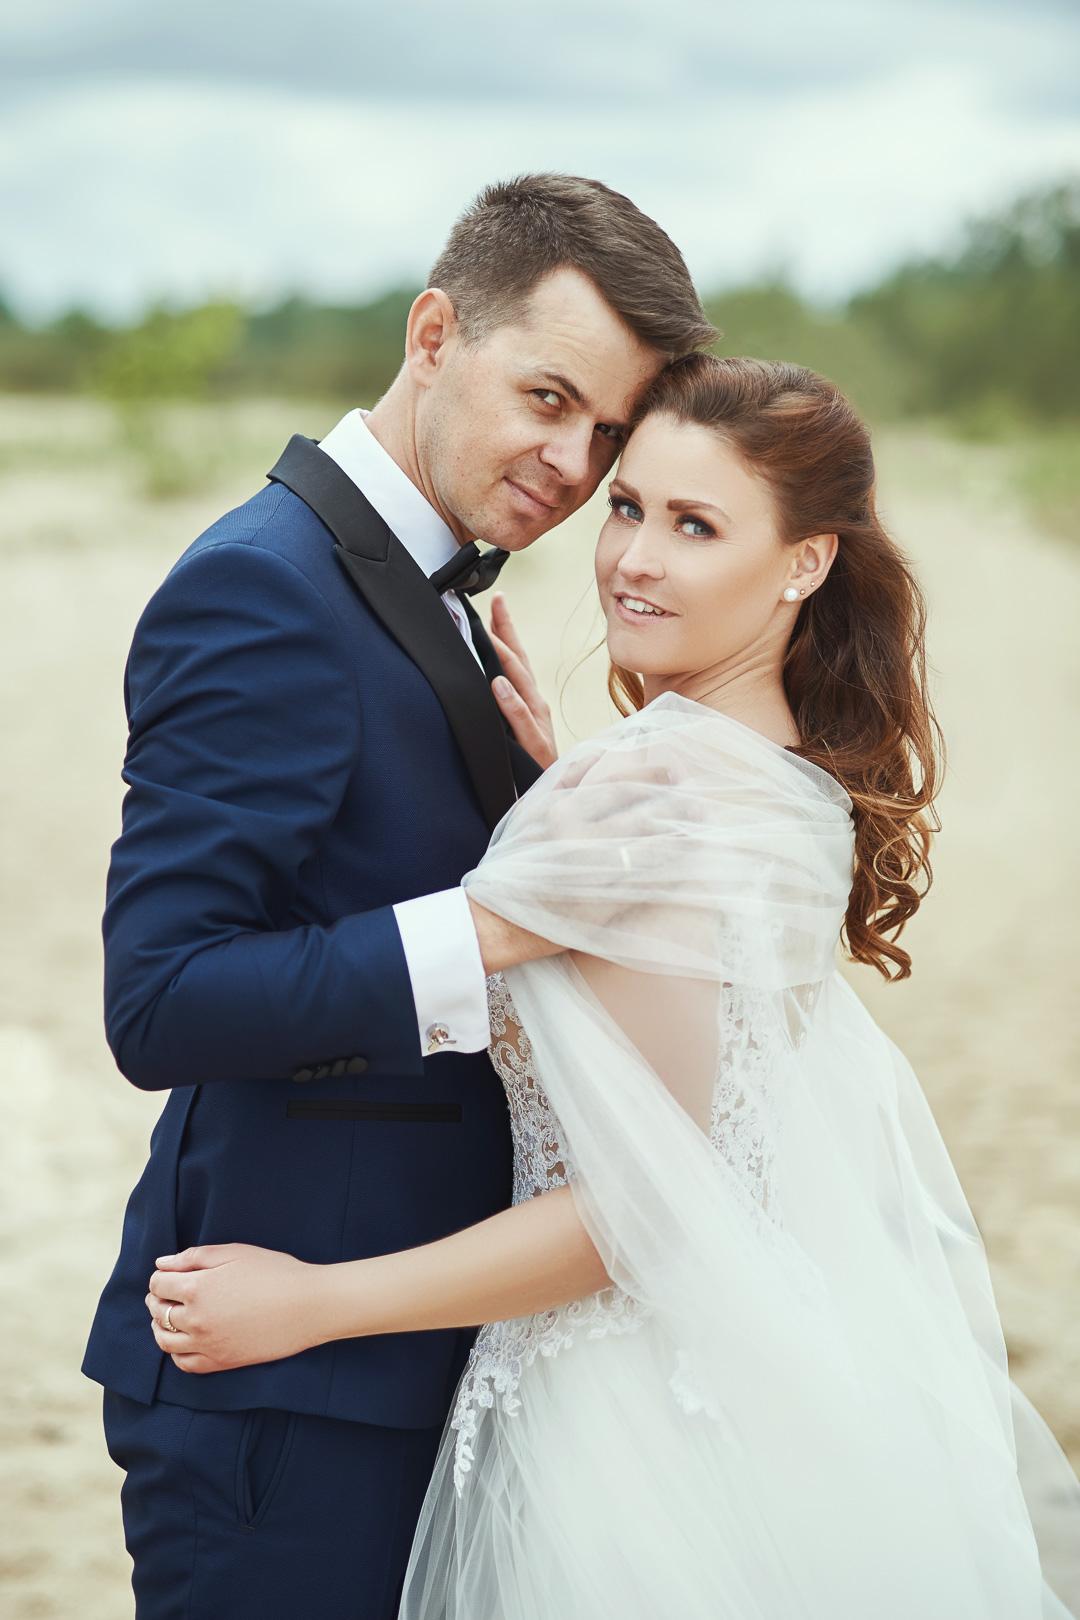 Plener ślubny w Warszawie na plaży 2